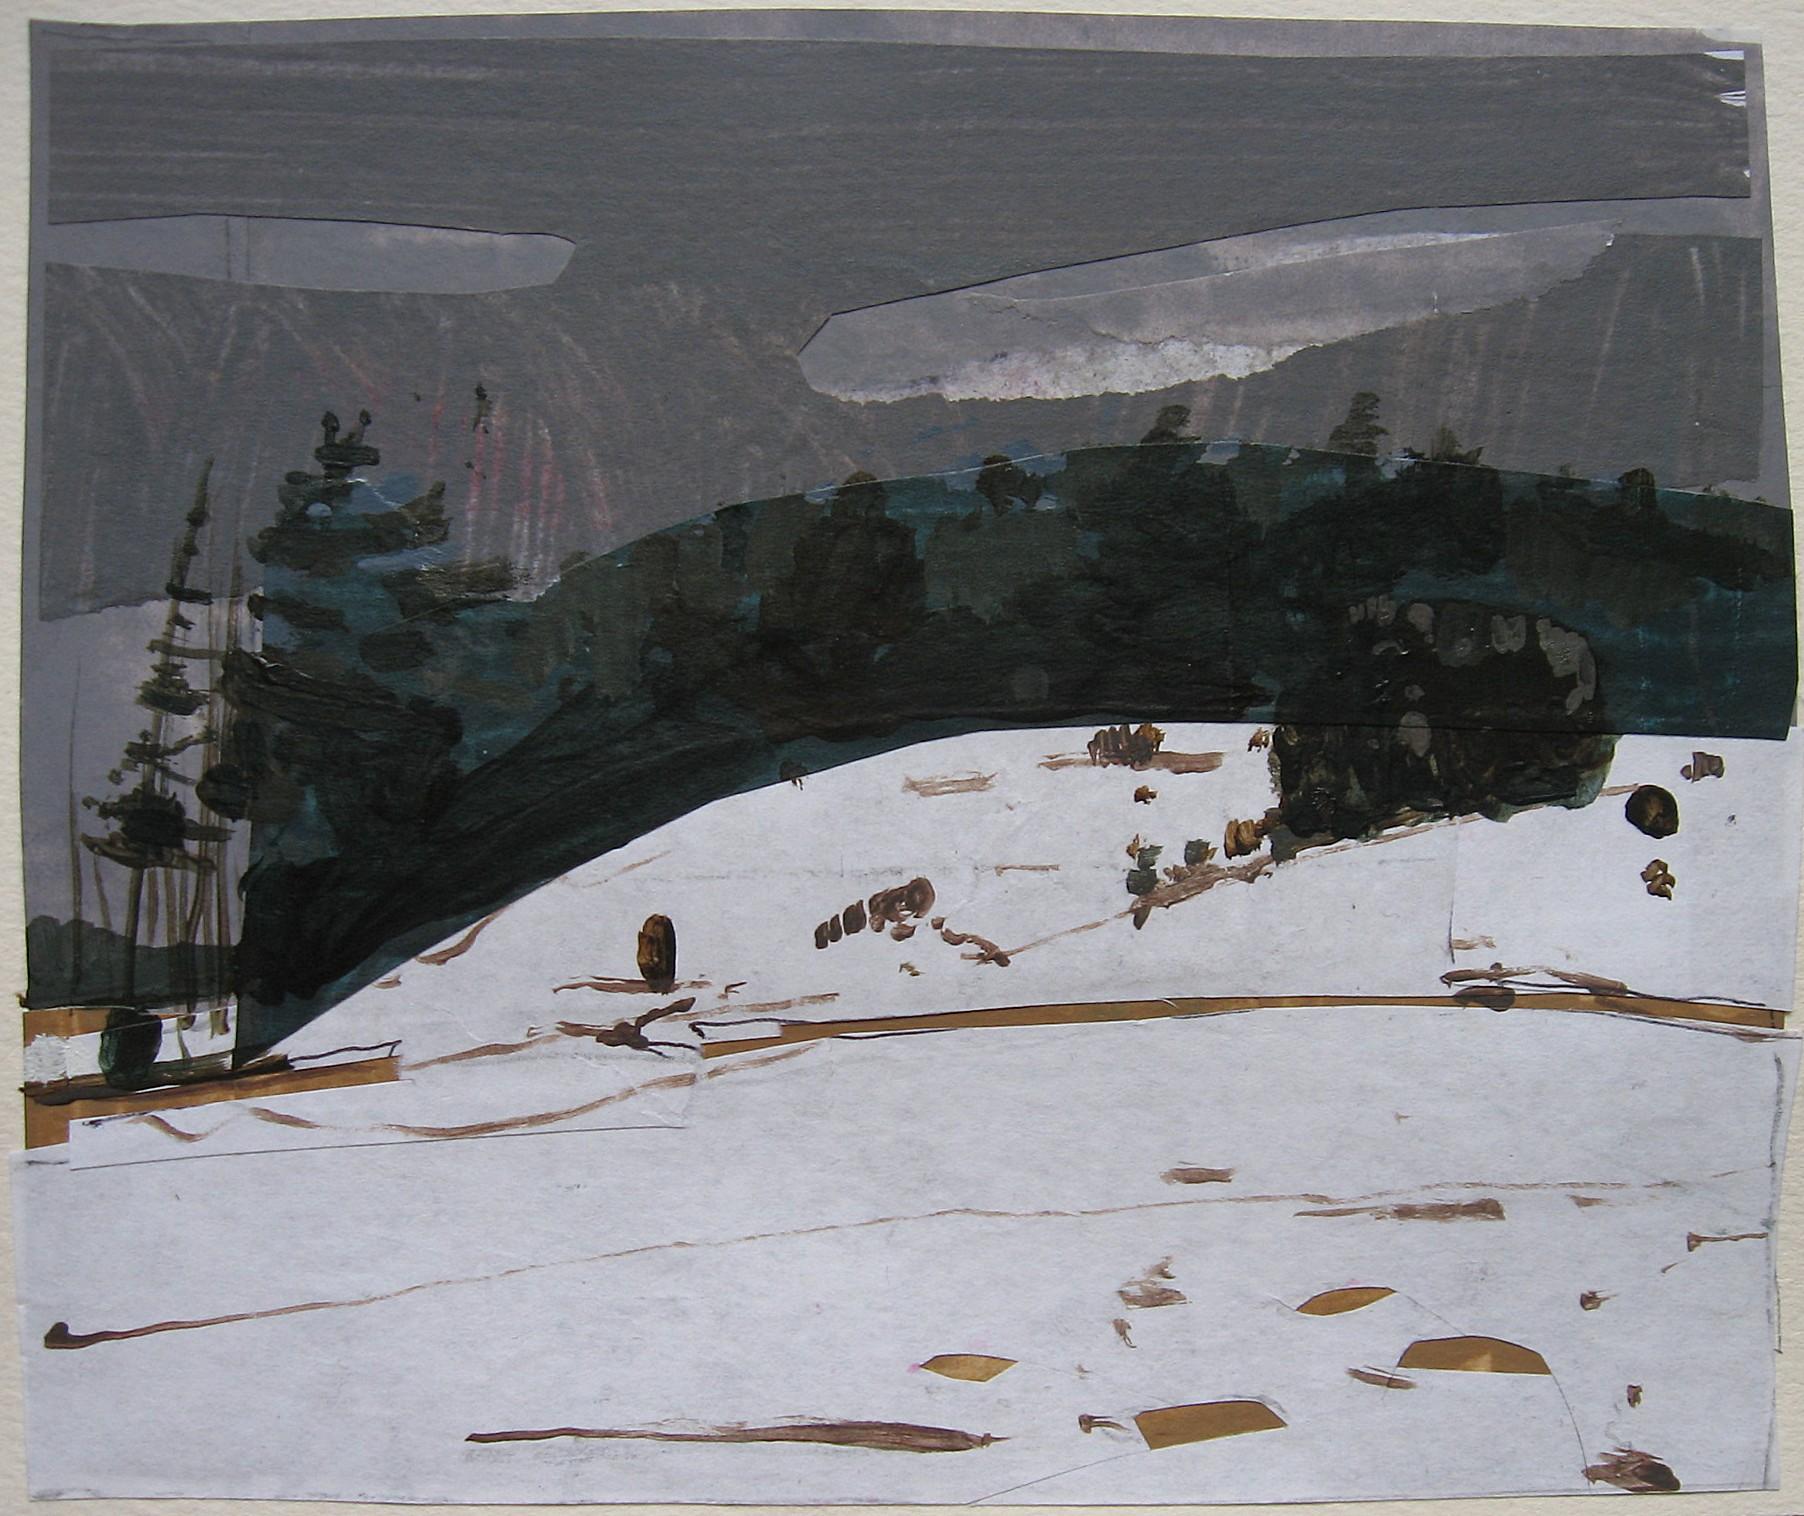 Hintergrundbilder : Malerei, Collage, Schnee, Winter, Kunstwerk ...